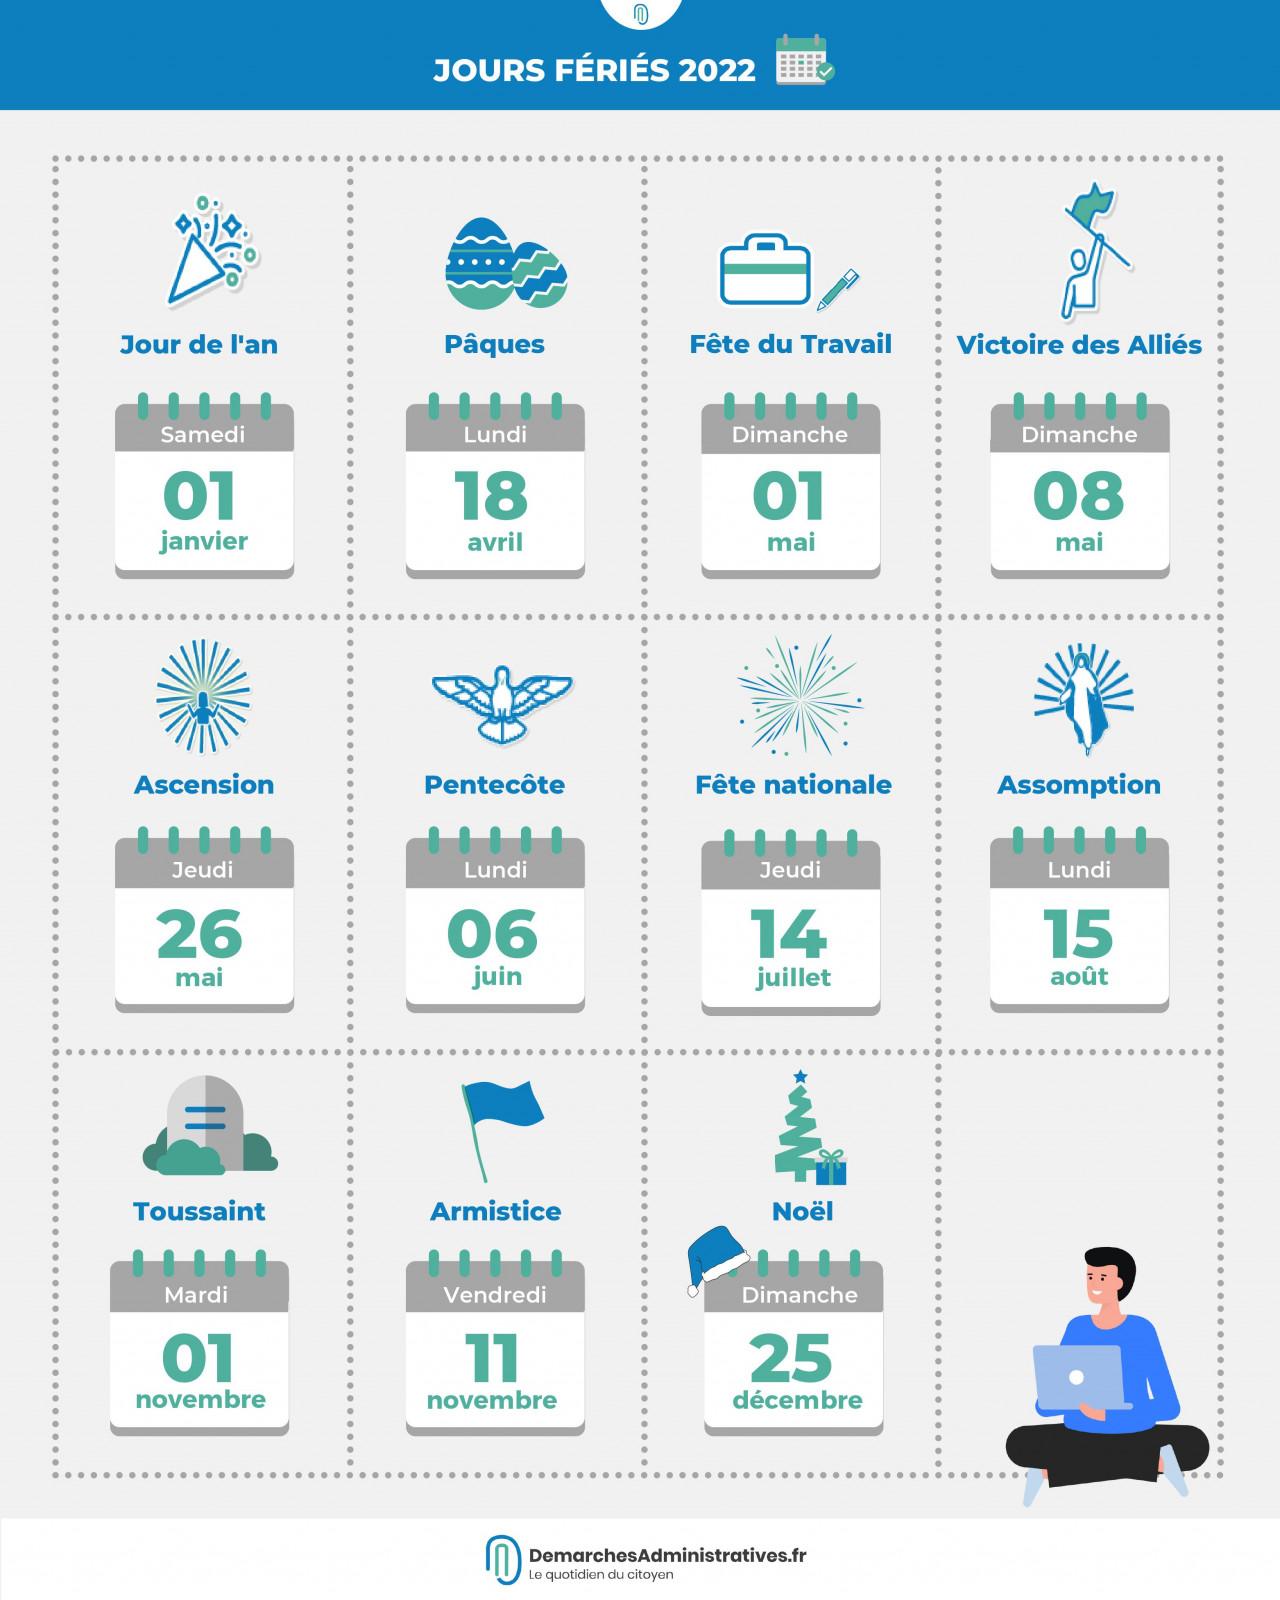 Jours fériés 2022 : les dates du calendrier à connaître